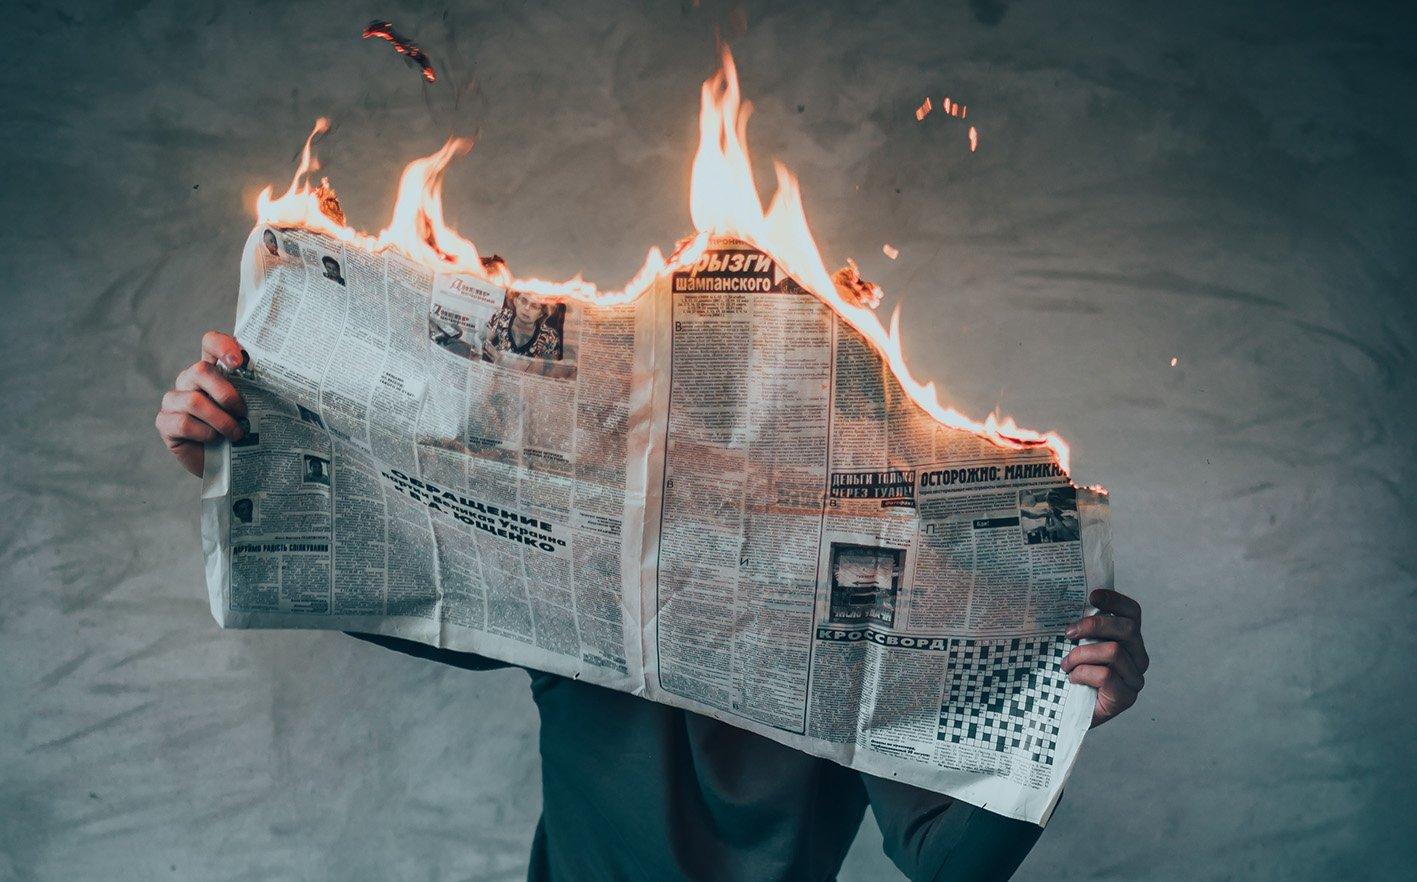 periodico noticia falsa